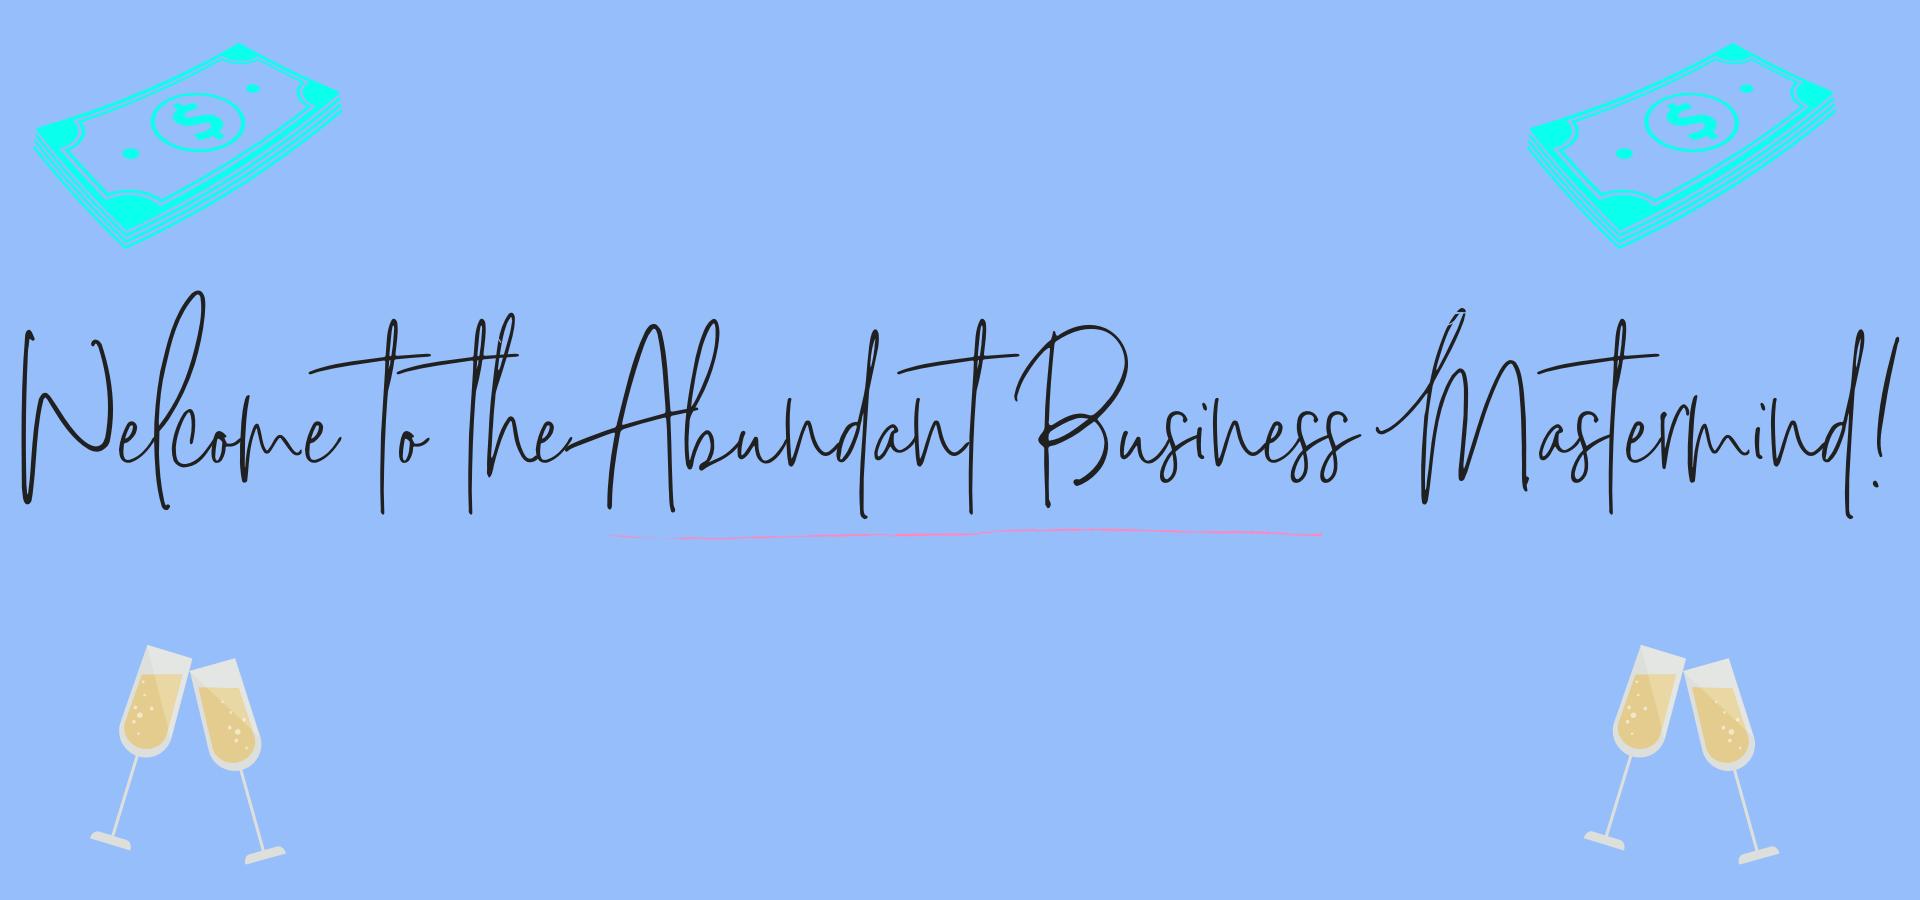 Abundant Business Mastermind